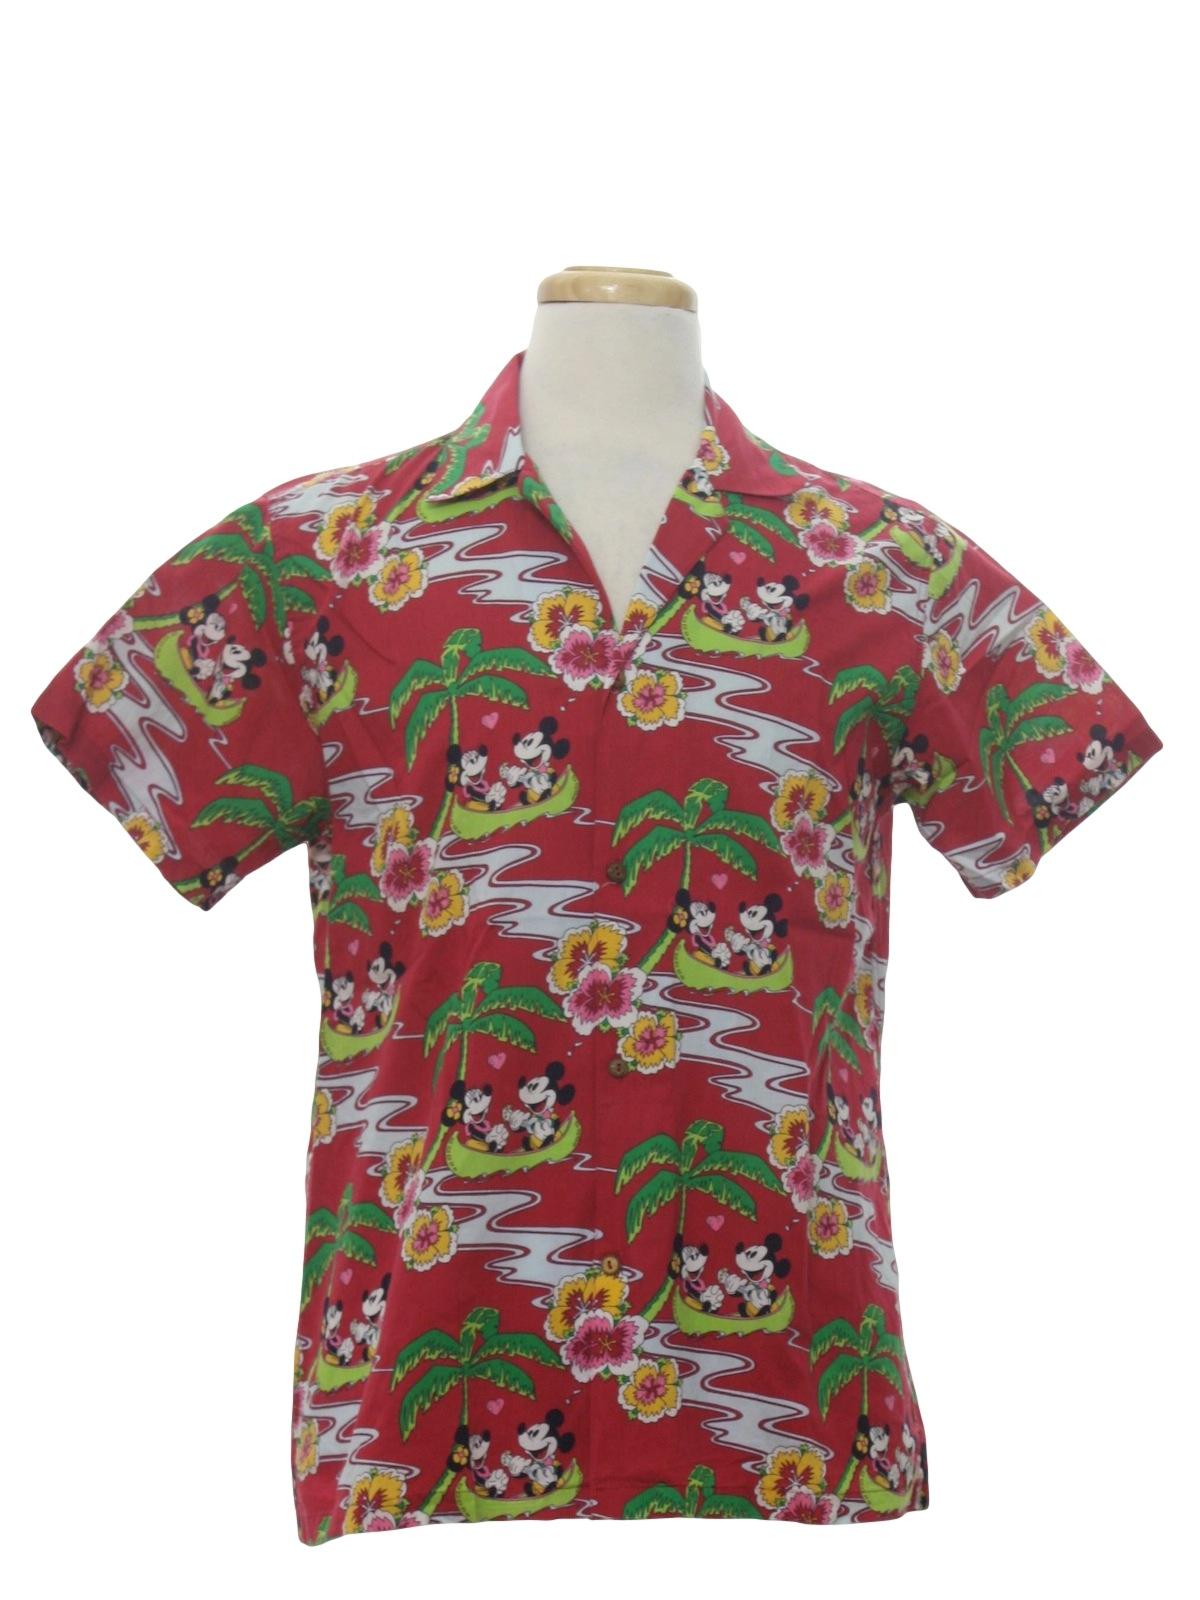 8231a014 Retro 80s Hawaiian Shirt (Mickey and Co J G Hook) : 80s -Mickey and ...